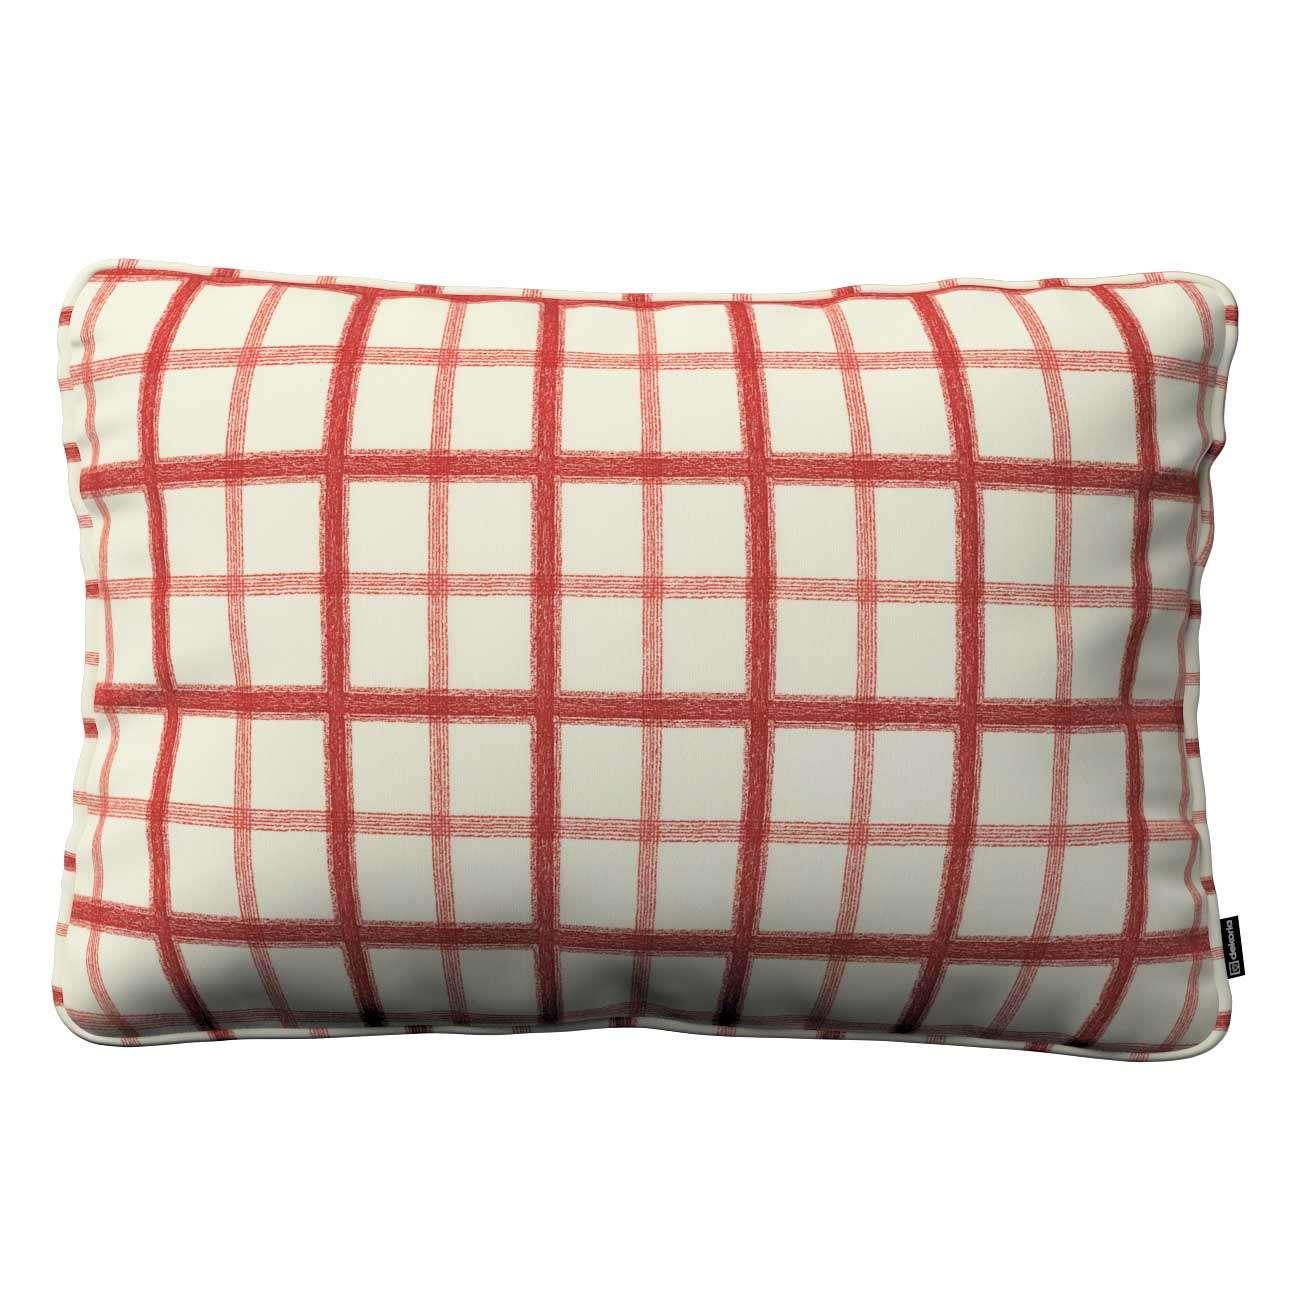 Poszewka Gabi na poduszkę prostokątna w kolekcji Avinon, tkanina: 131-15